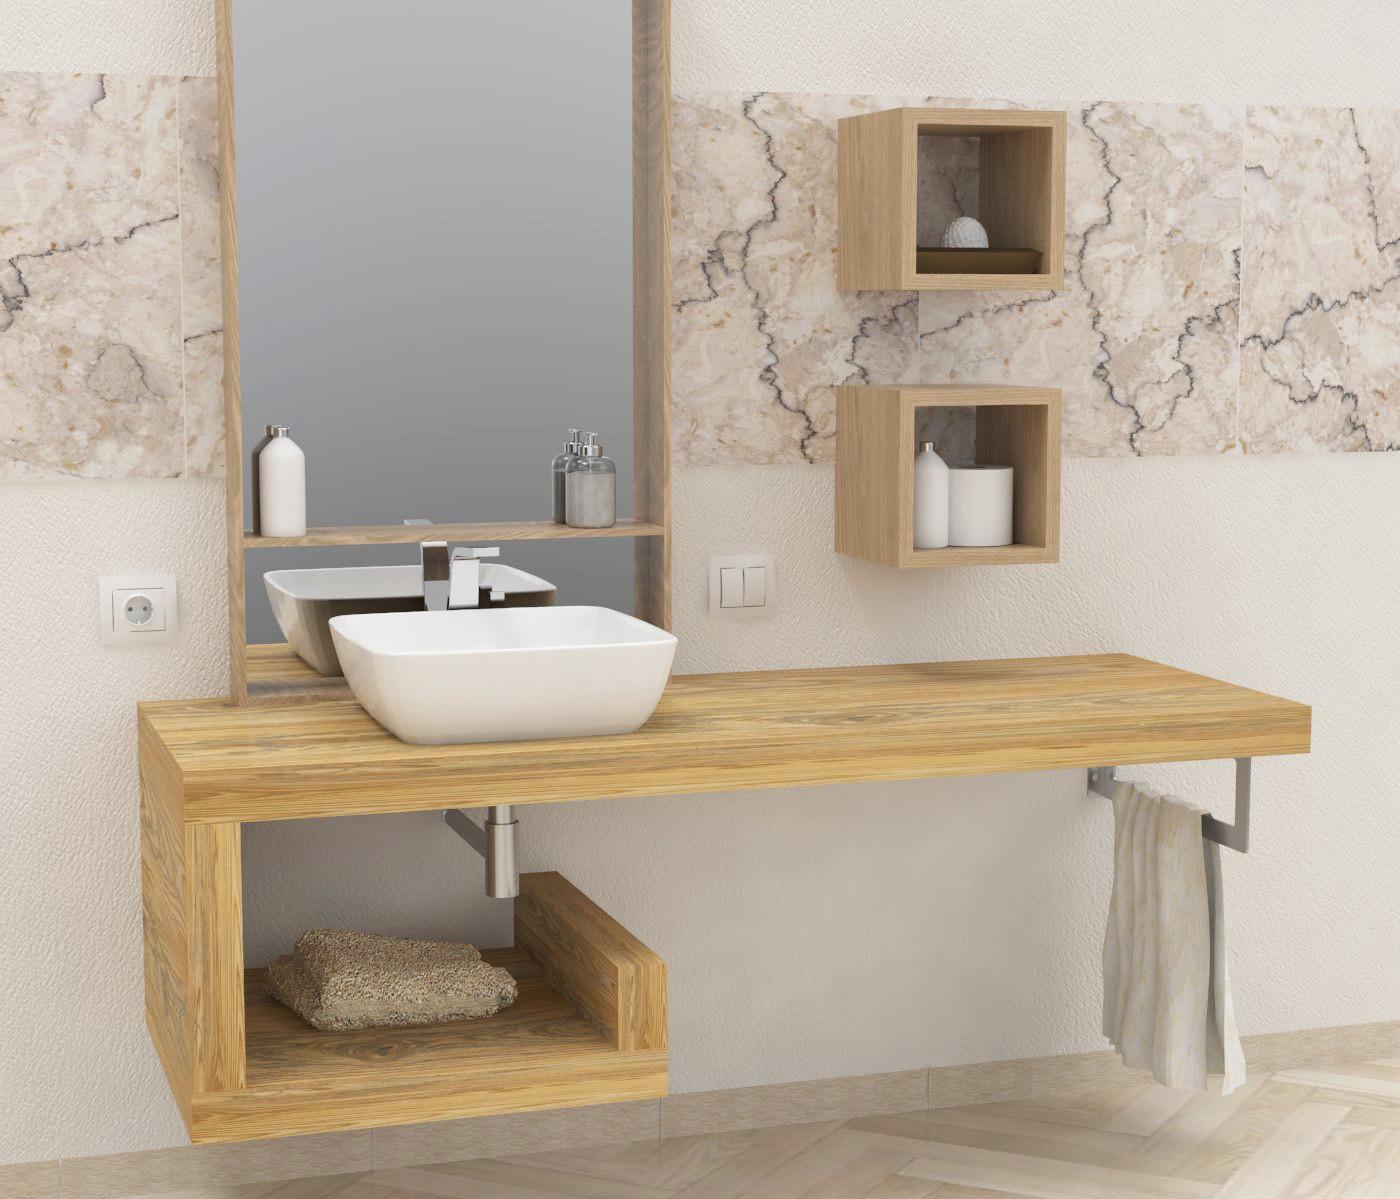 Console salle de bain en bois fabulous description un meuble de salle de bain with console for Console de salle de bain